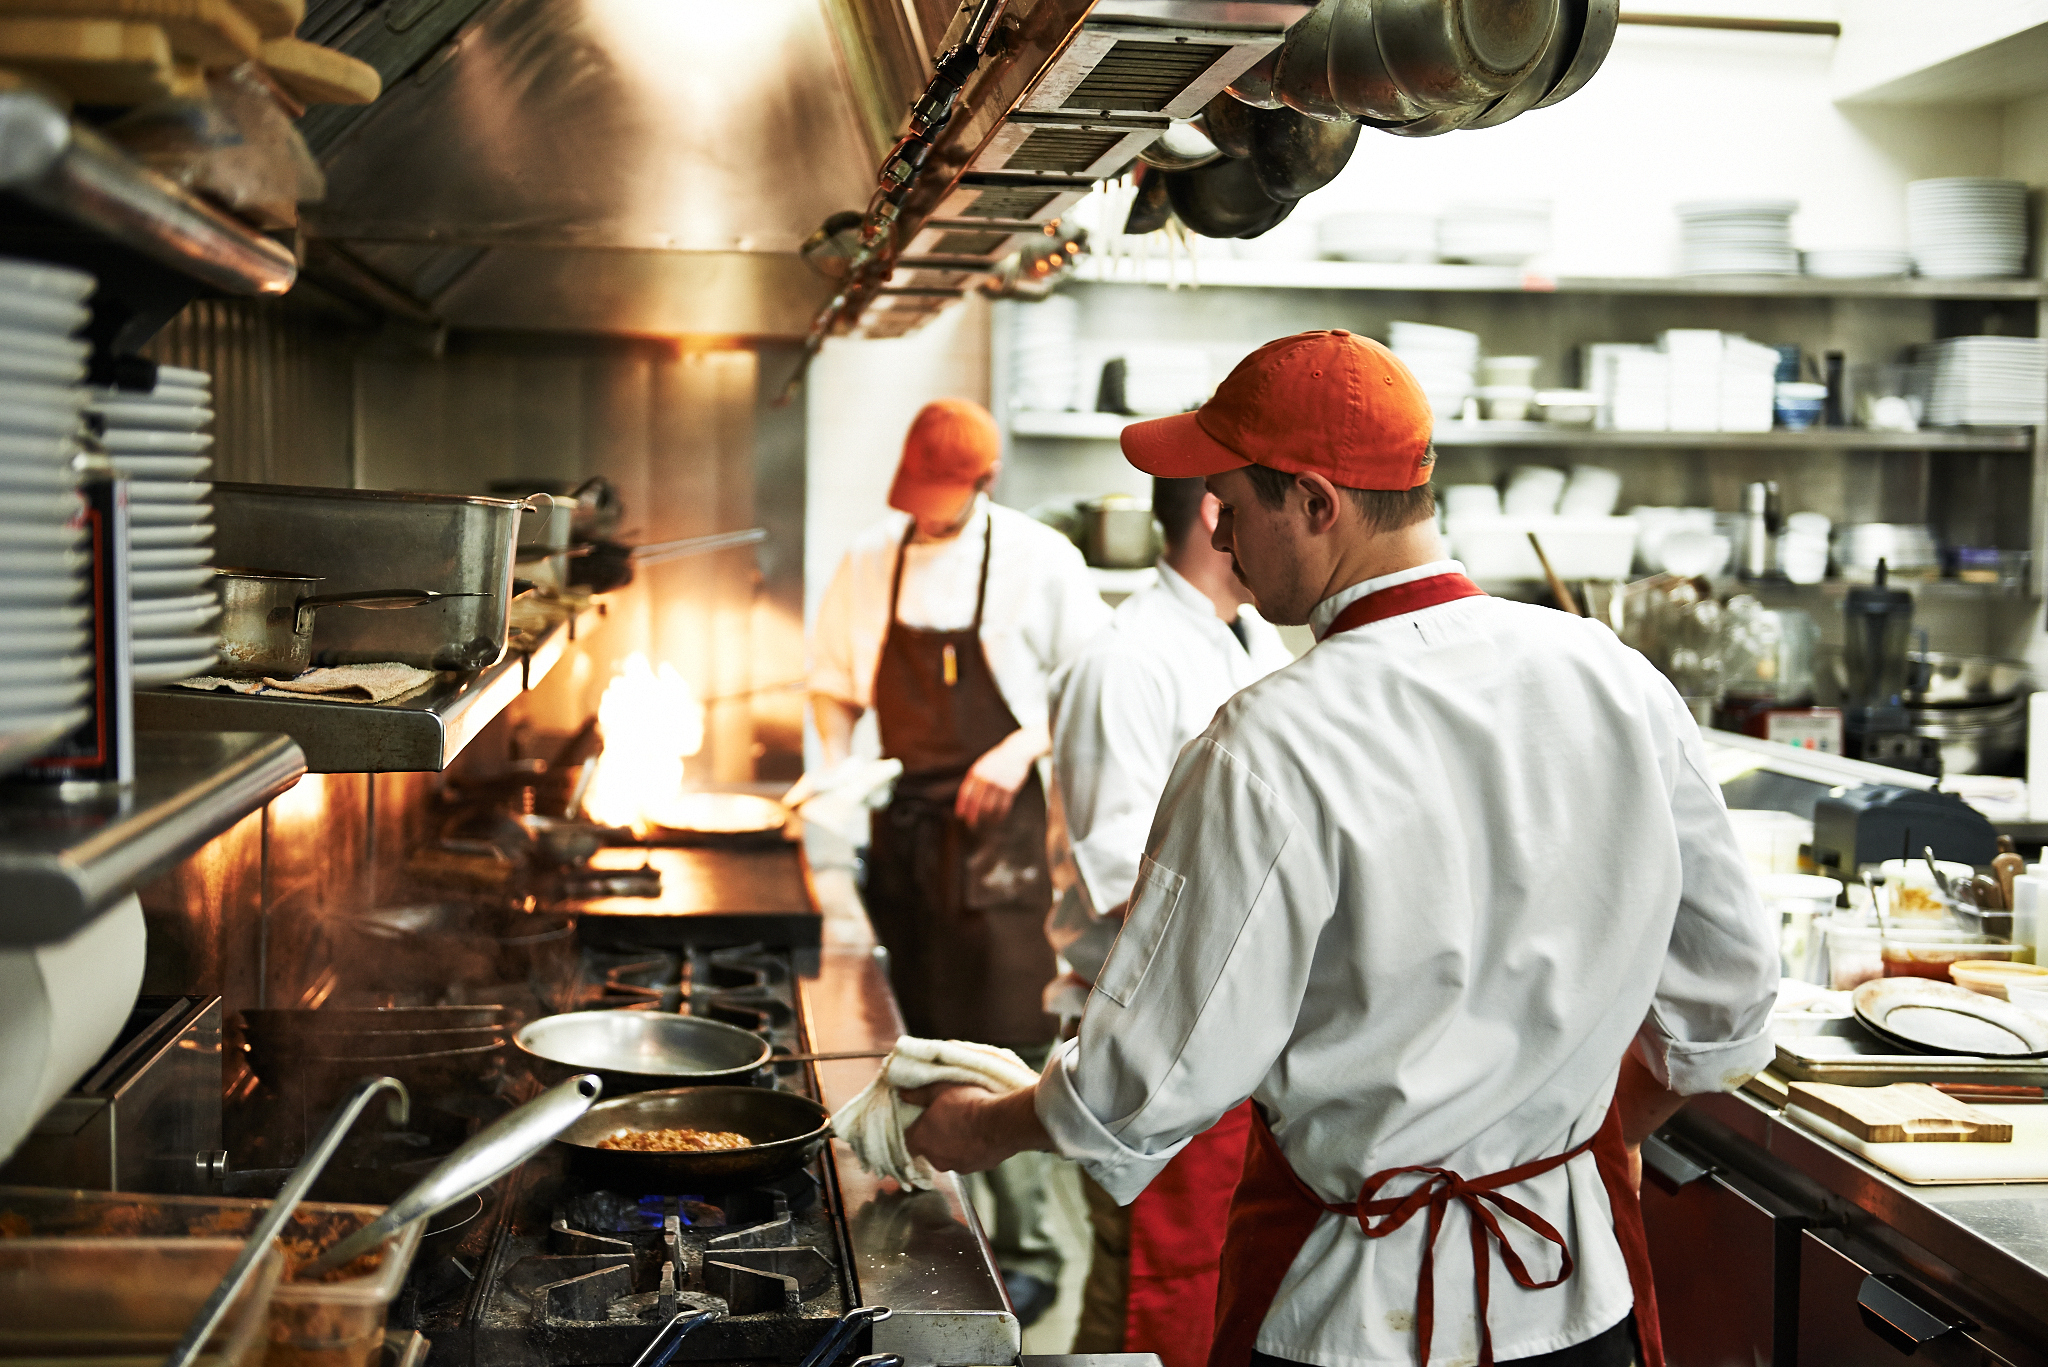 everywhere-busy-restaurant-kitchen-s.jpg